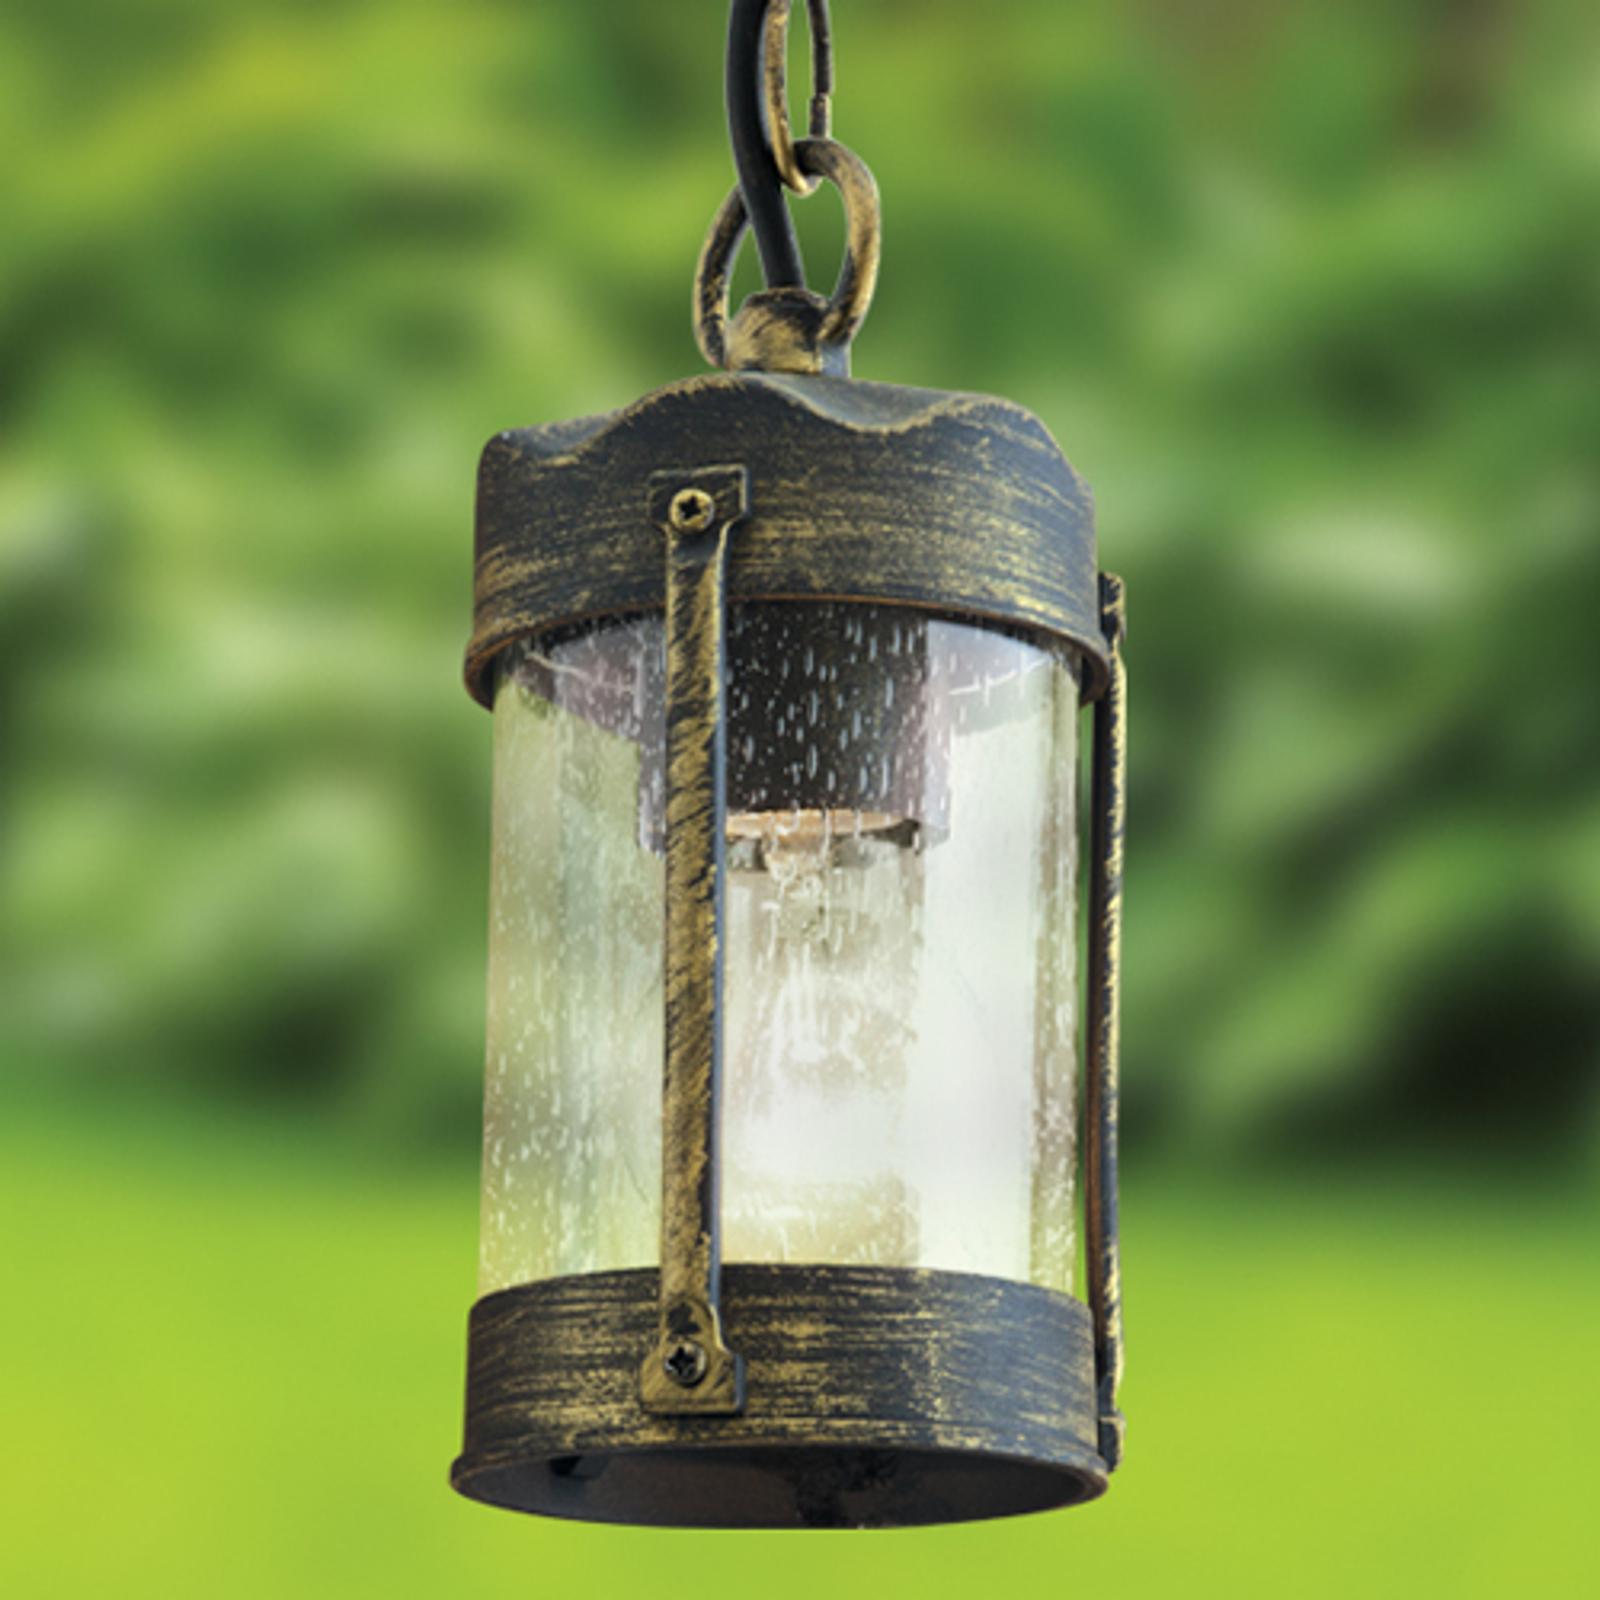 Black-golden outdoor hanging lamp Lenard_7255092_1